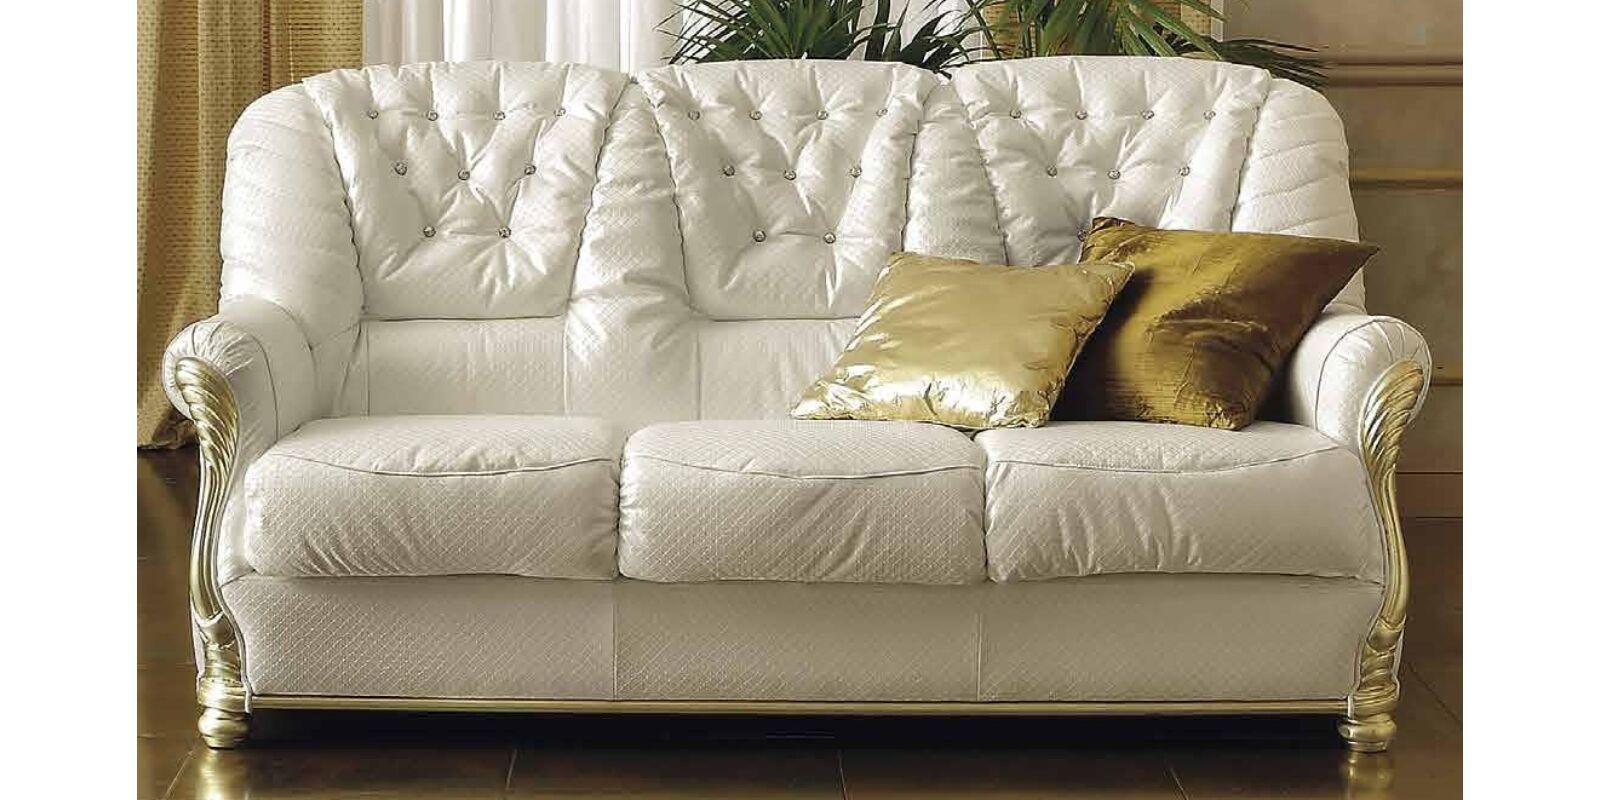 Leonardo Day 3-személyes kanapé, valódi bőr